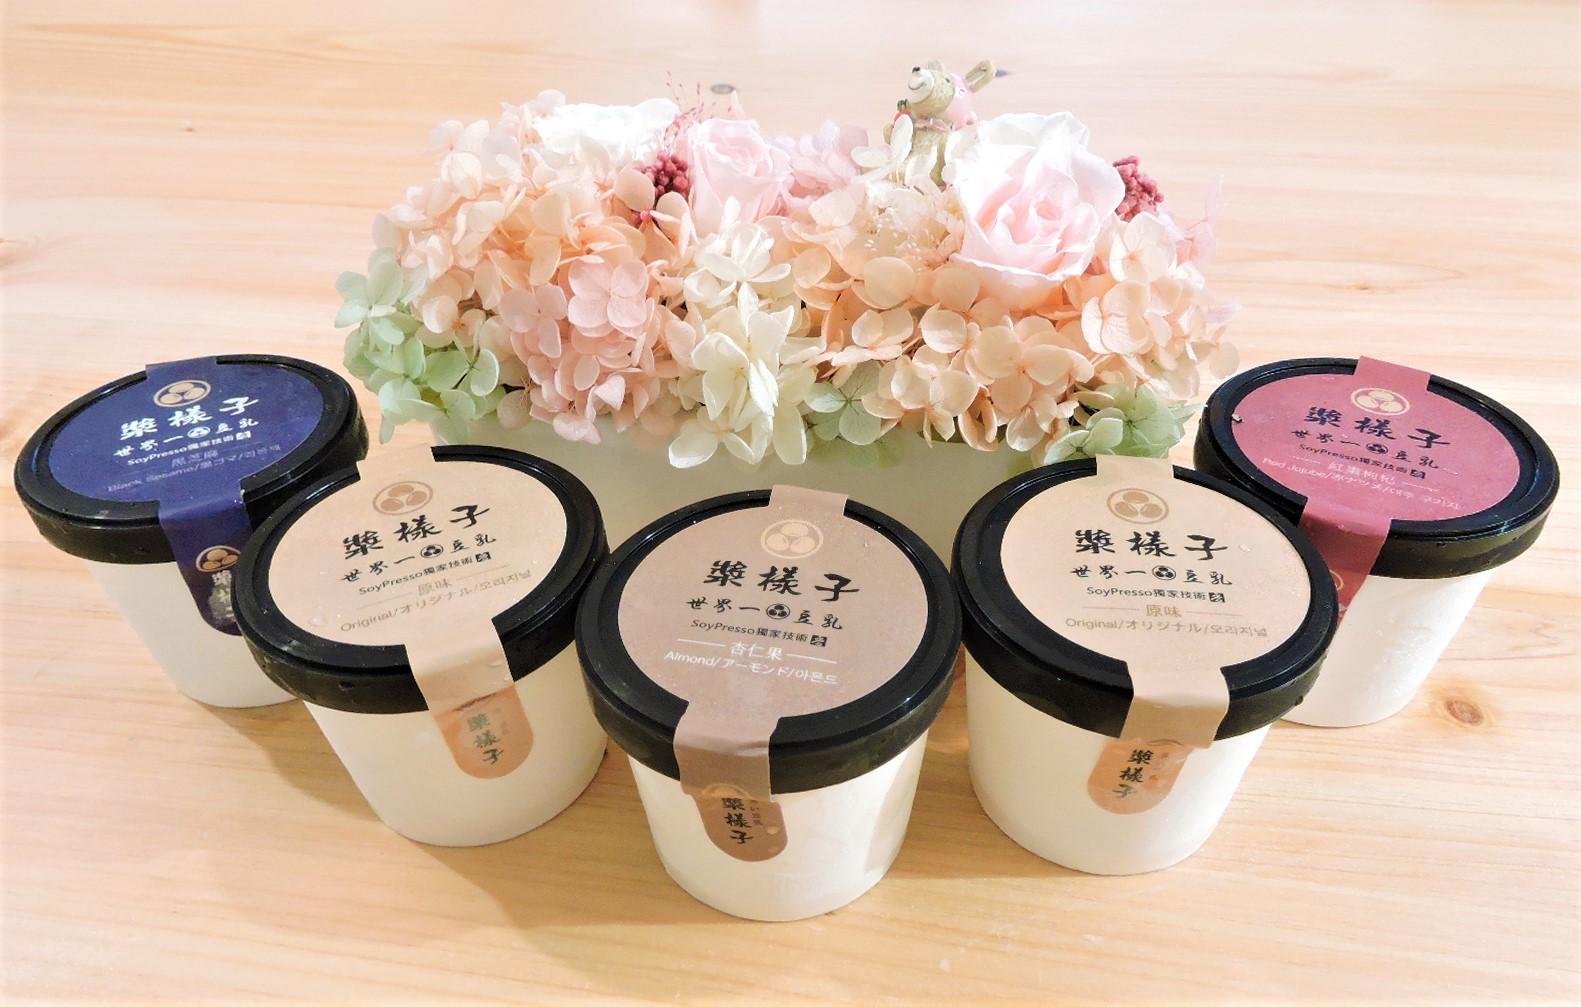 是豆漿也是冰淇淋 消暑必備的創意低卡冰淇淋